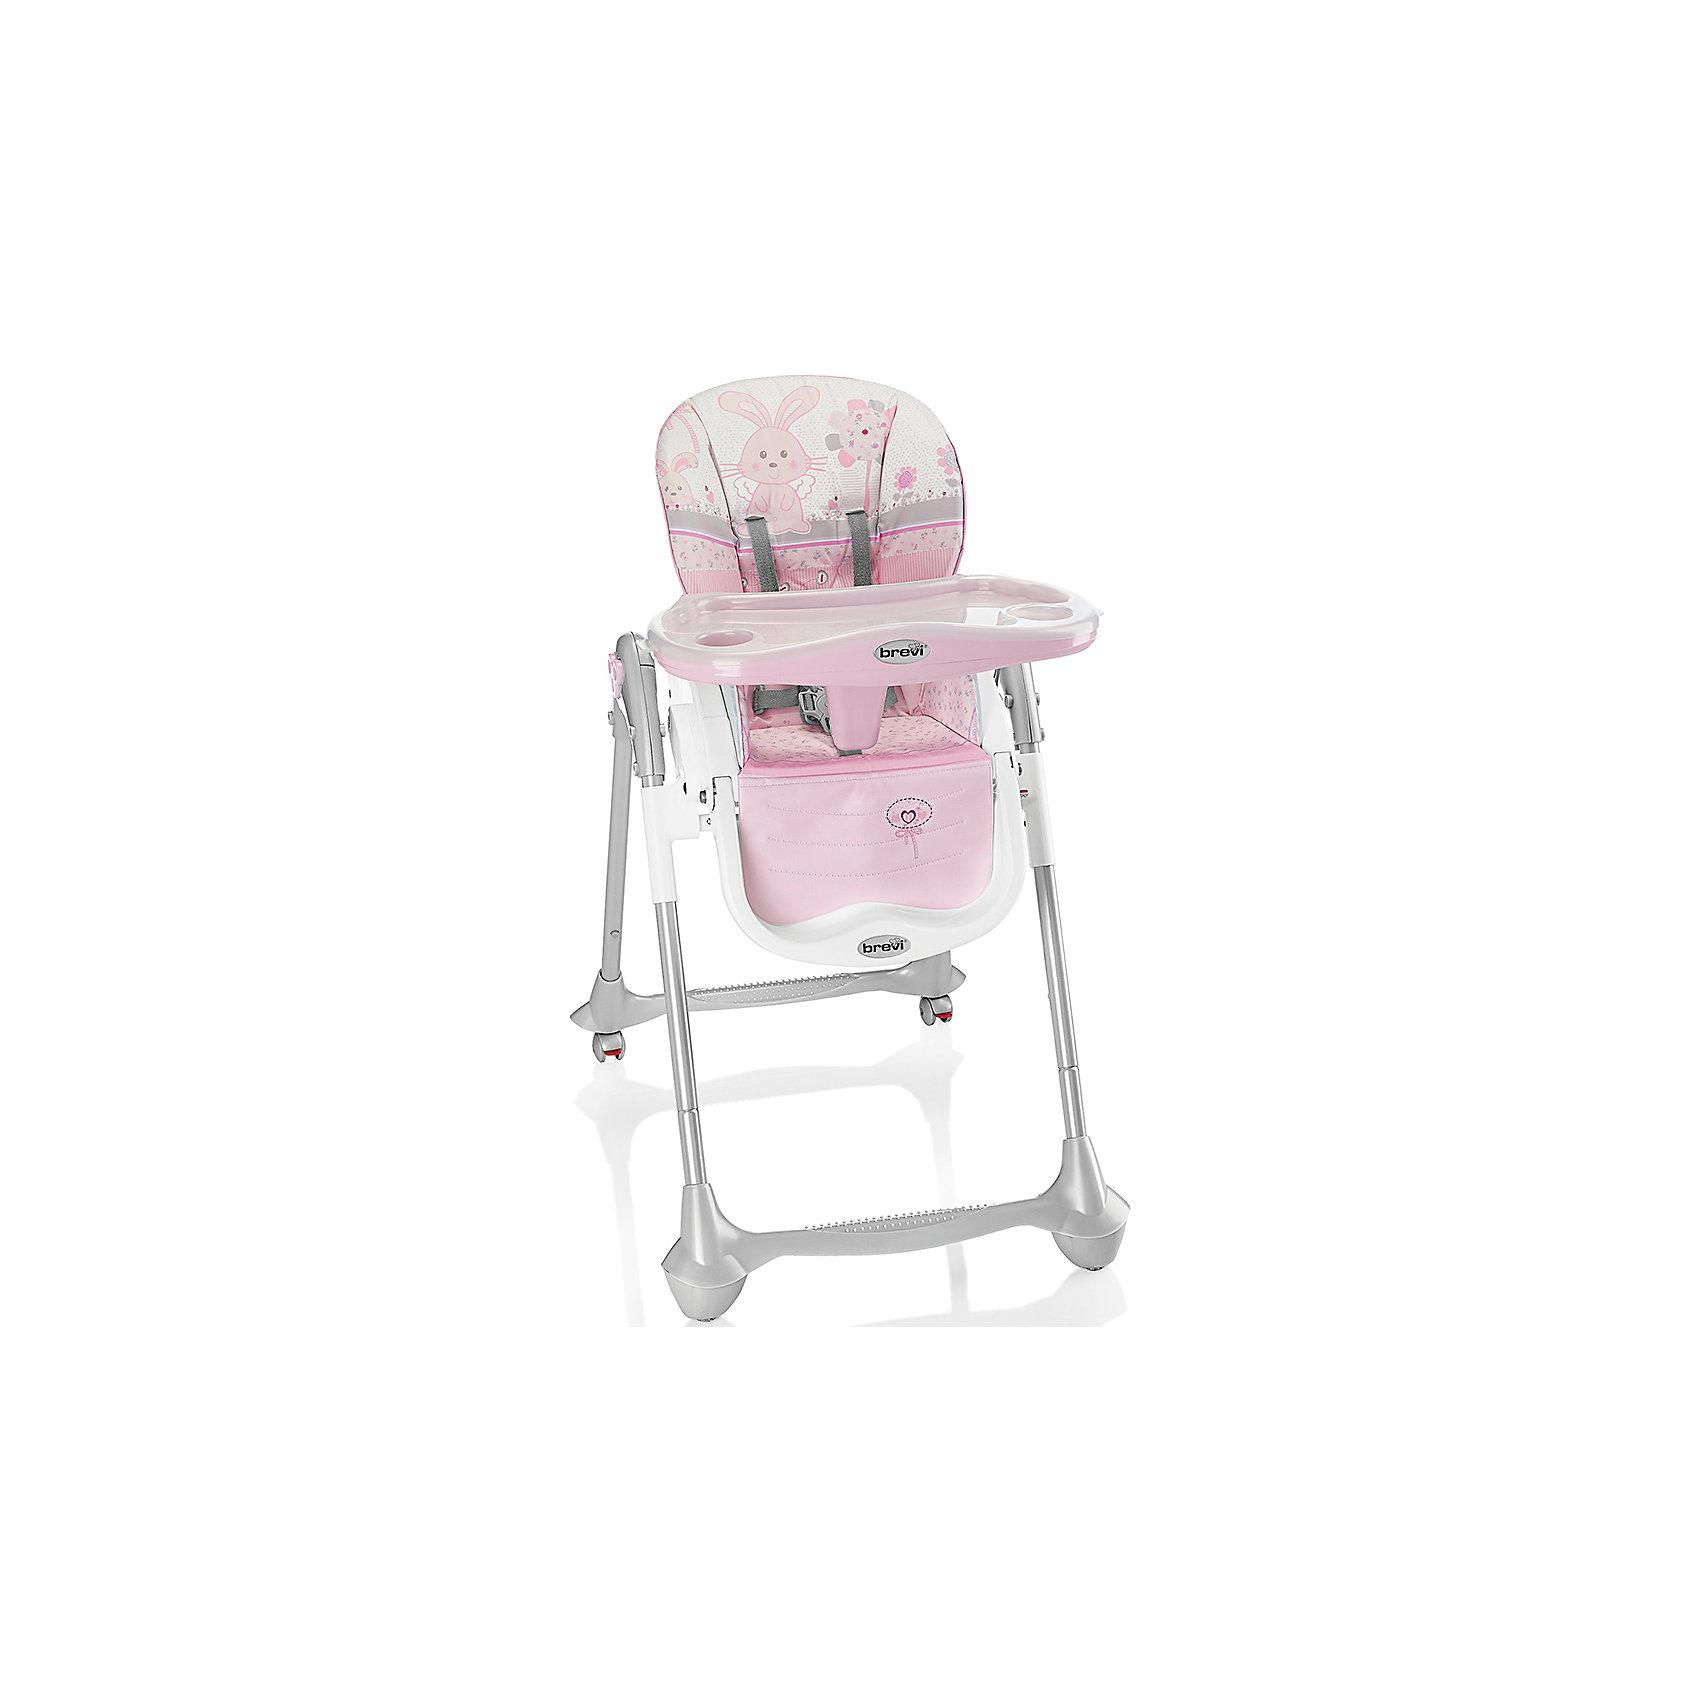 Стульчик для кормления Convivio, Brevi, розовый/зайчикConvivio, Brevi (брэви) – стульчик для кормления детей от 6 месяцев до 3 лет. Есть три положения спинки для удобства ребенка, три положения подножки и четыре уровня сиденья. Кроме того, привлекательная расцветка превратит любое кормление в настоящее удовольствие для вас и вашего малыша.<br>Особенности и преимущества:<br>-колеса с фиксатором для удобства перемещения стульчика<br>-легкомоющиеся материалы<br>-5-точечные ремни для максимальной безопасности малыша<br>-двойной съемный поднос<br>-очень компактен в собранном виде<br>Размеры: 33x57x68 см<br>Вес: 10,3 кг<br>ВНИМАНИЕ! Данный артикул имеется в наличии в разных цветовых исполнениях (св.серый/лисички, розовый/зайчик, оранжевый/сафари, голубой/полоски, бежевый/мишка). К сожалению, заранее выбрать определенный цвет не возможно.<br>Вы можете приобрести стульчик для кормления Convivio в нашем интернет-магазине<br><br>Ширина мм: 680<br>Глубина мм: 570<br>Высота мм: 330<br>Вес г: 10300<br>Возраст от месяцев: 6<br>Возраст до месяцев: 36<br>Пол: Женский<br>Возраст: Детский<br>SKU: 4902073